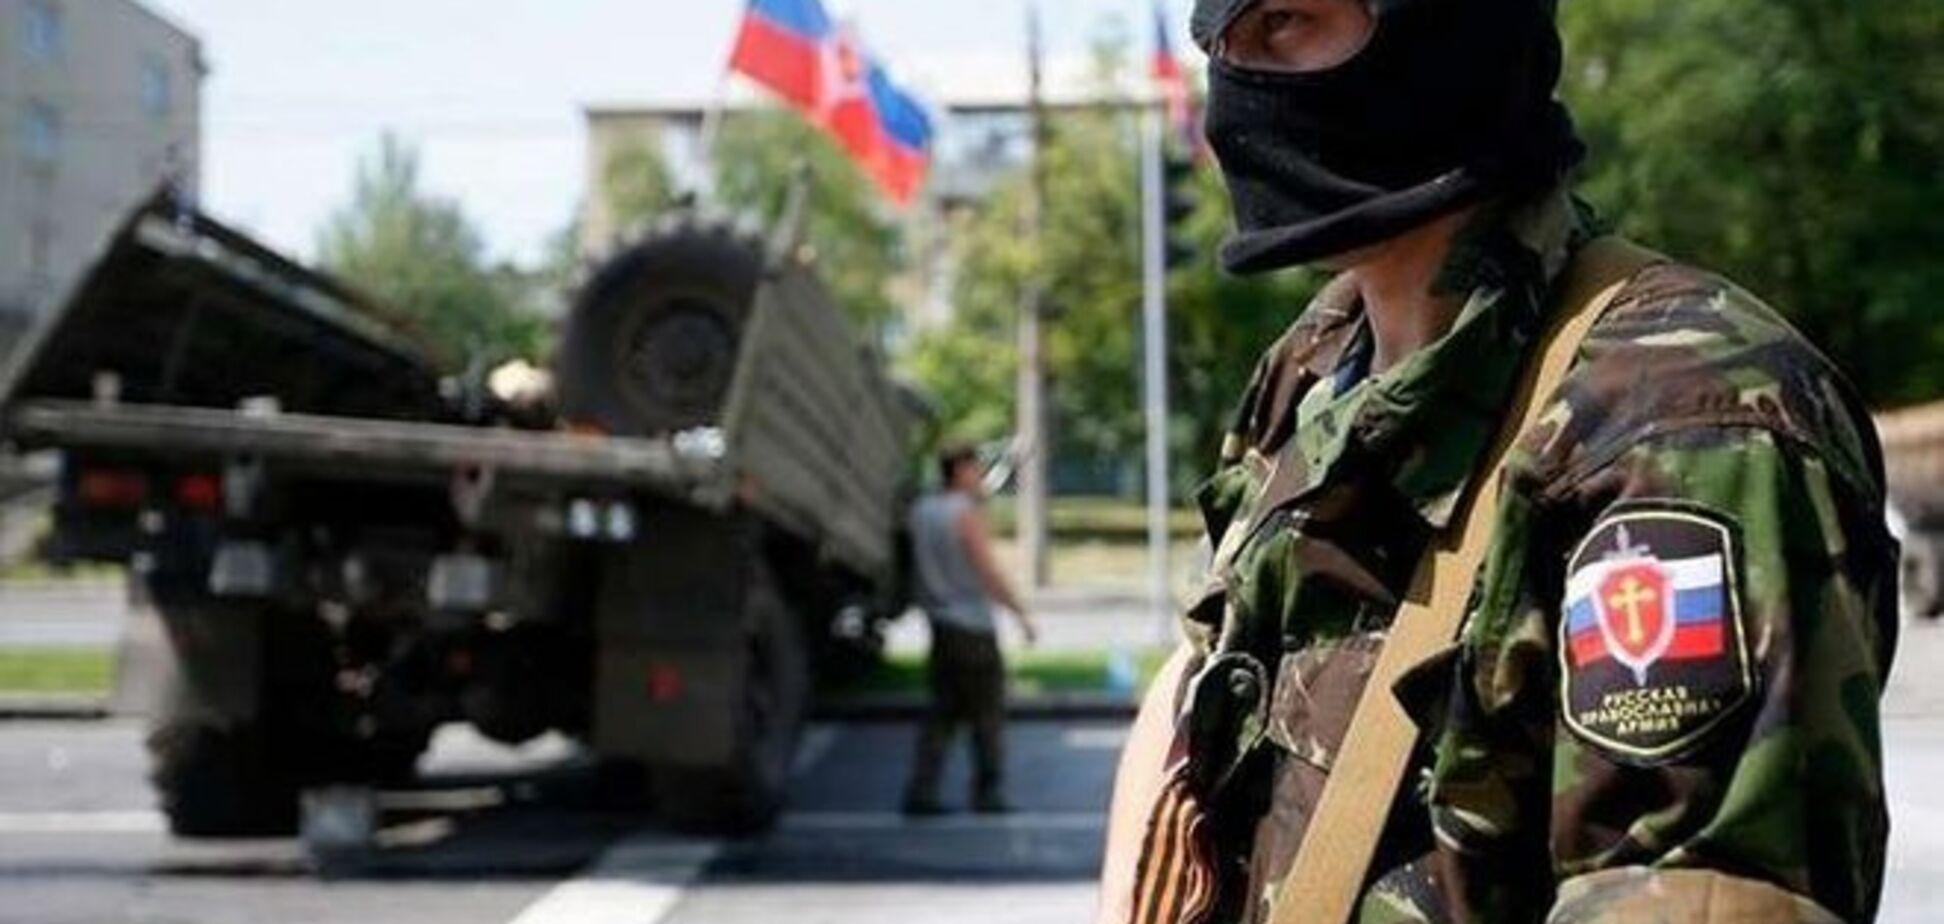 Боевики 'ЛНР' взяли в плен преподавателей одного из луганских университетов